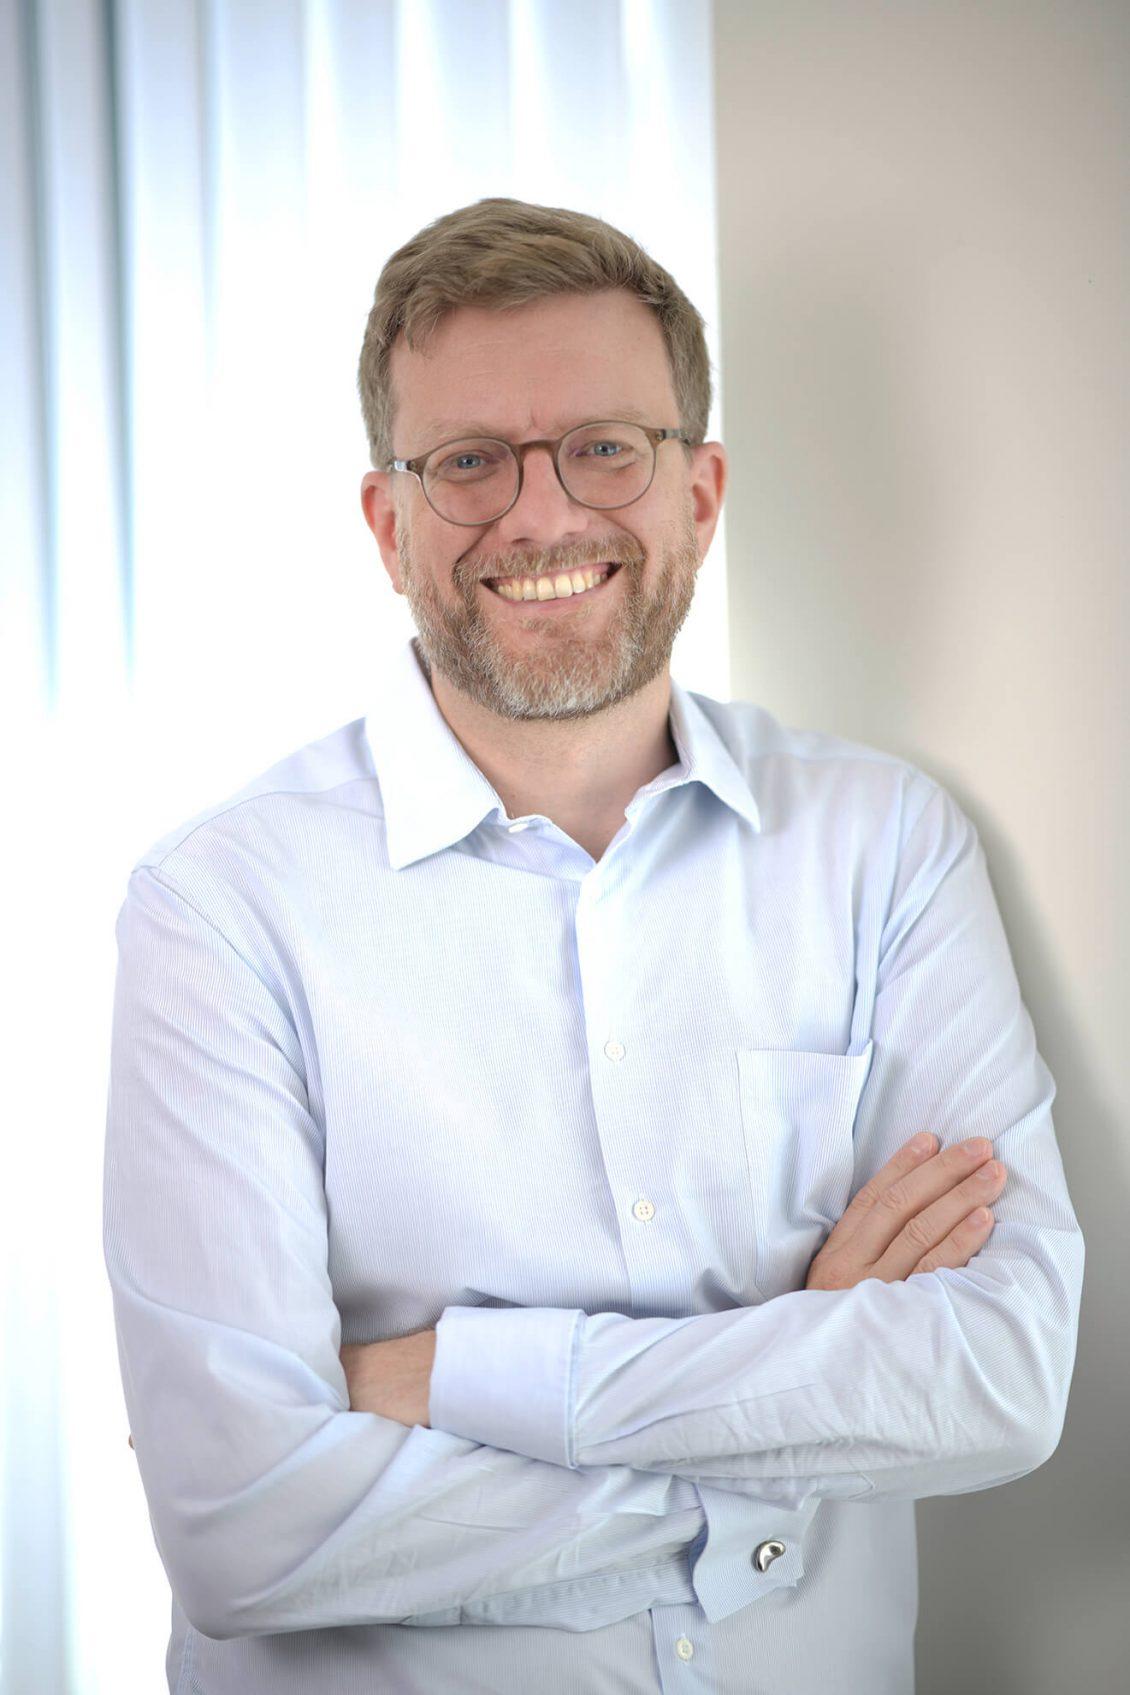 Dr. Tim Thabe gesprochen, Co-Gründer und Vorstandsvorsitzender der creditshelf AG